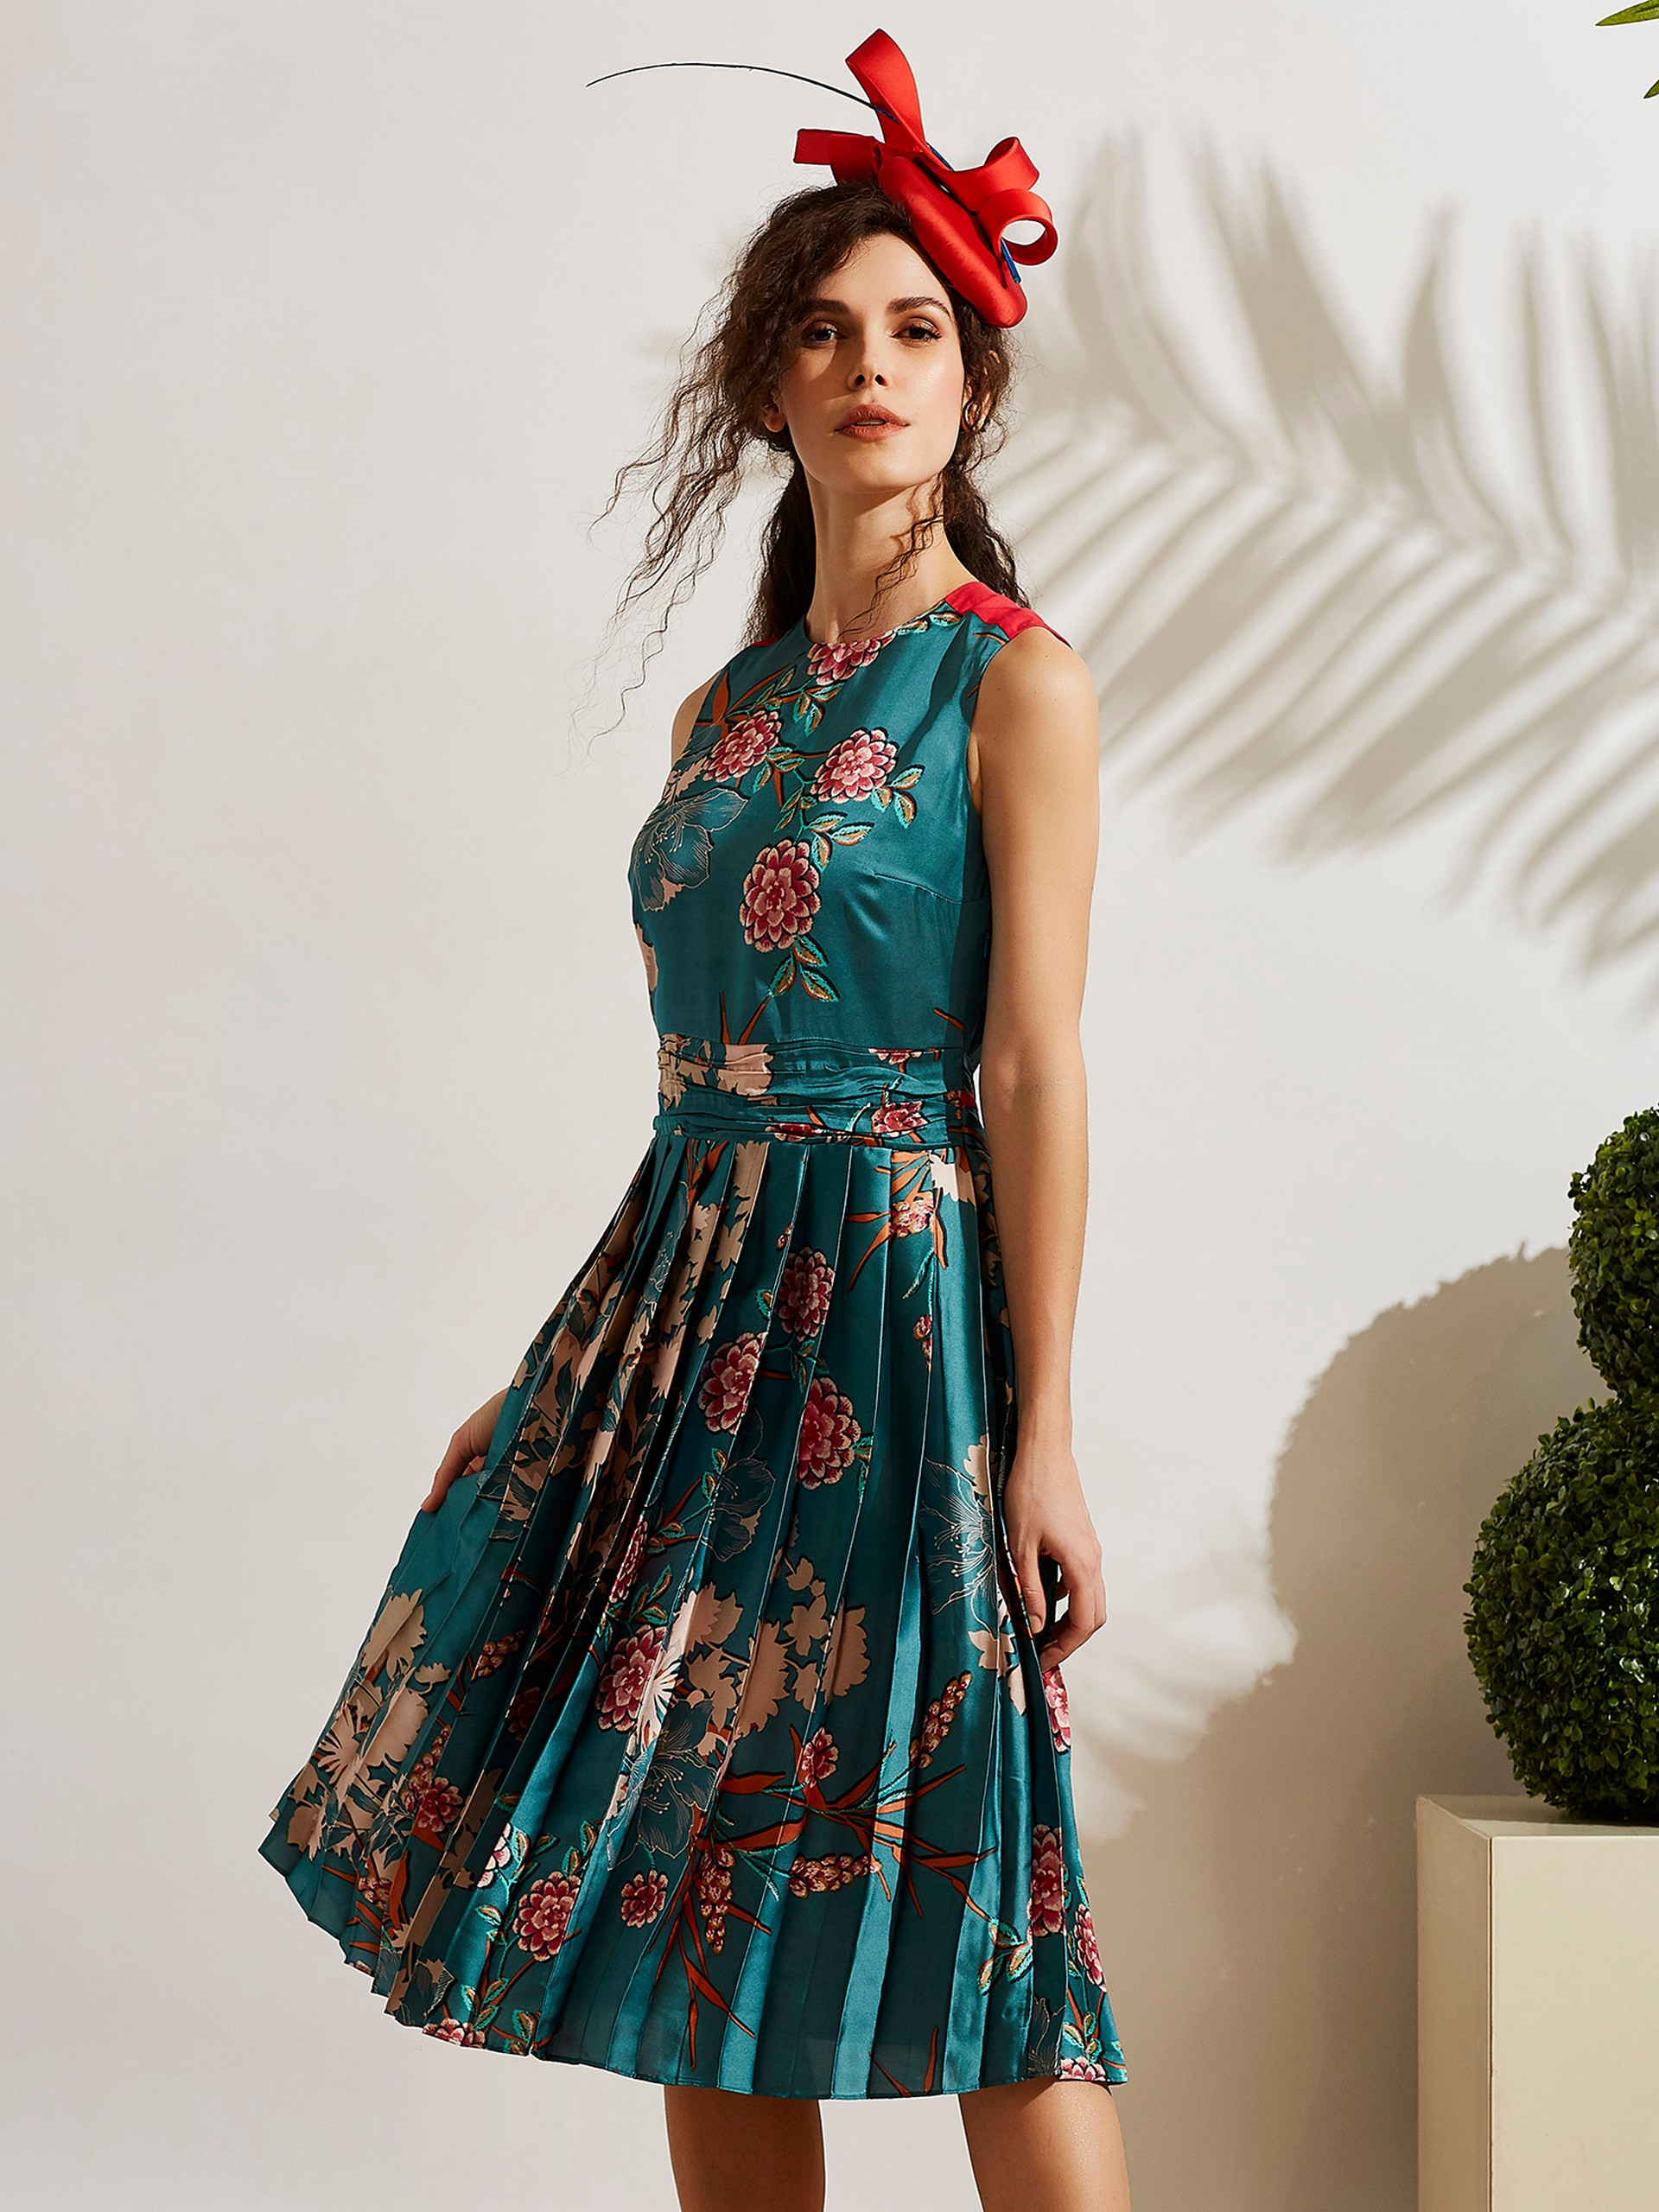 Sıfır Yaka Sıfır Kol Çiçek Desenli Saten Elbise